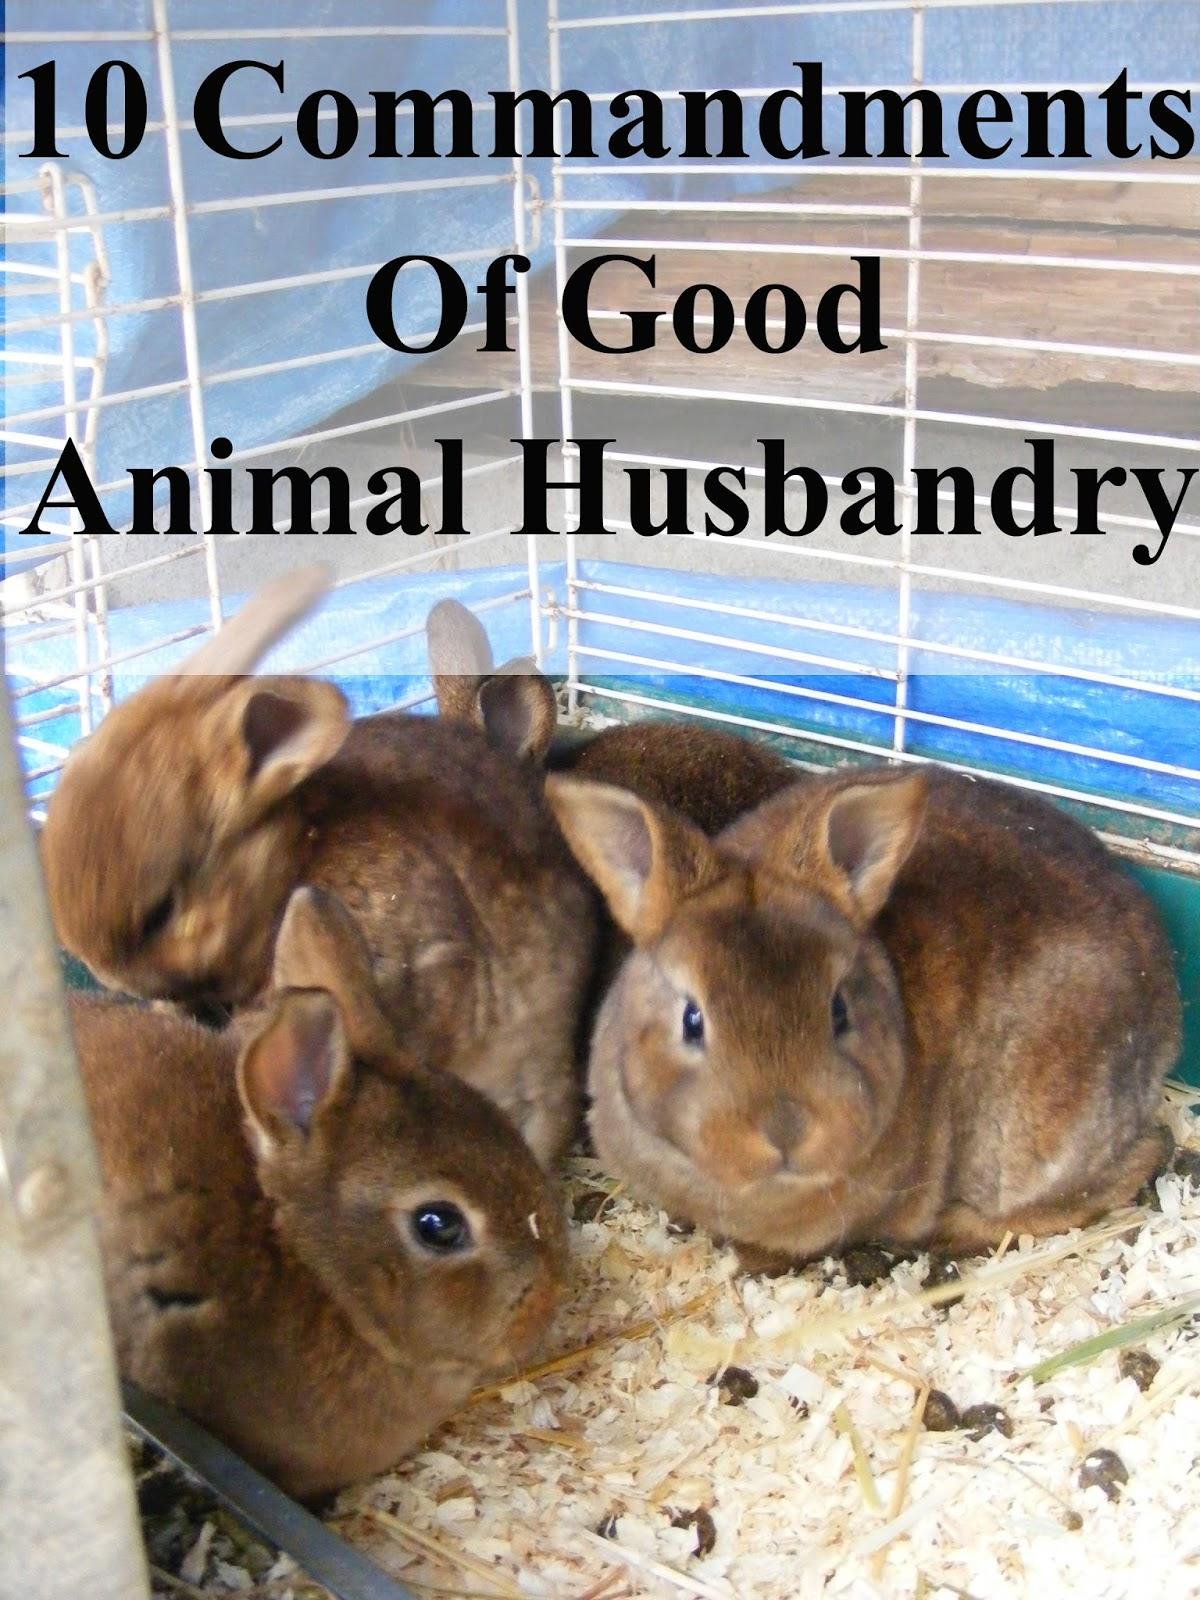 10 Commandments of Good Animal Husbandry